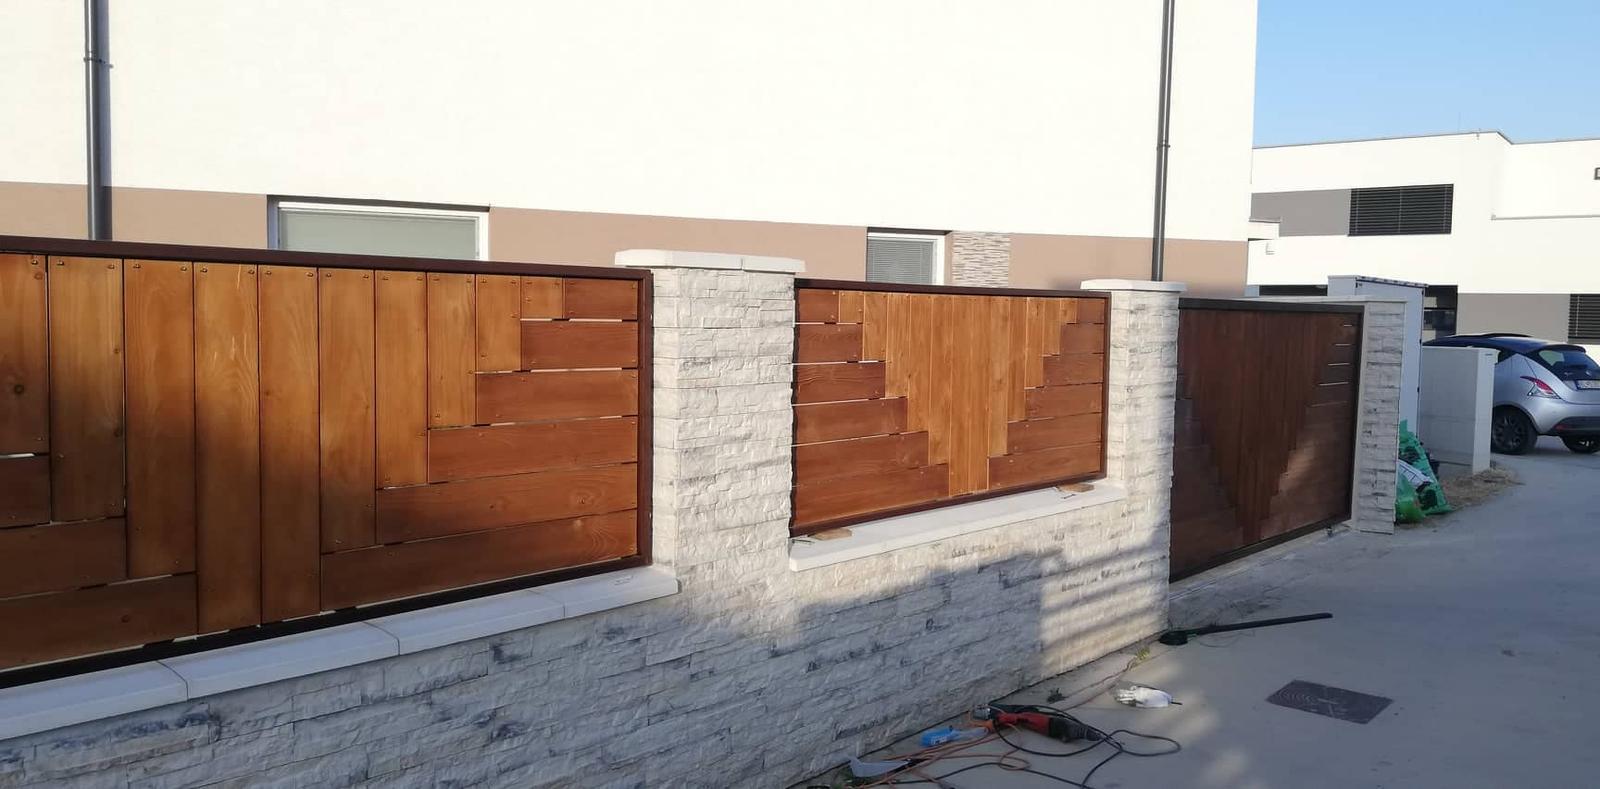 Posuvná brána + plotové výplne. Materiál smrek tzv parketový vzor - Obrázok č. 10